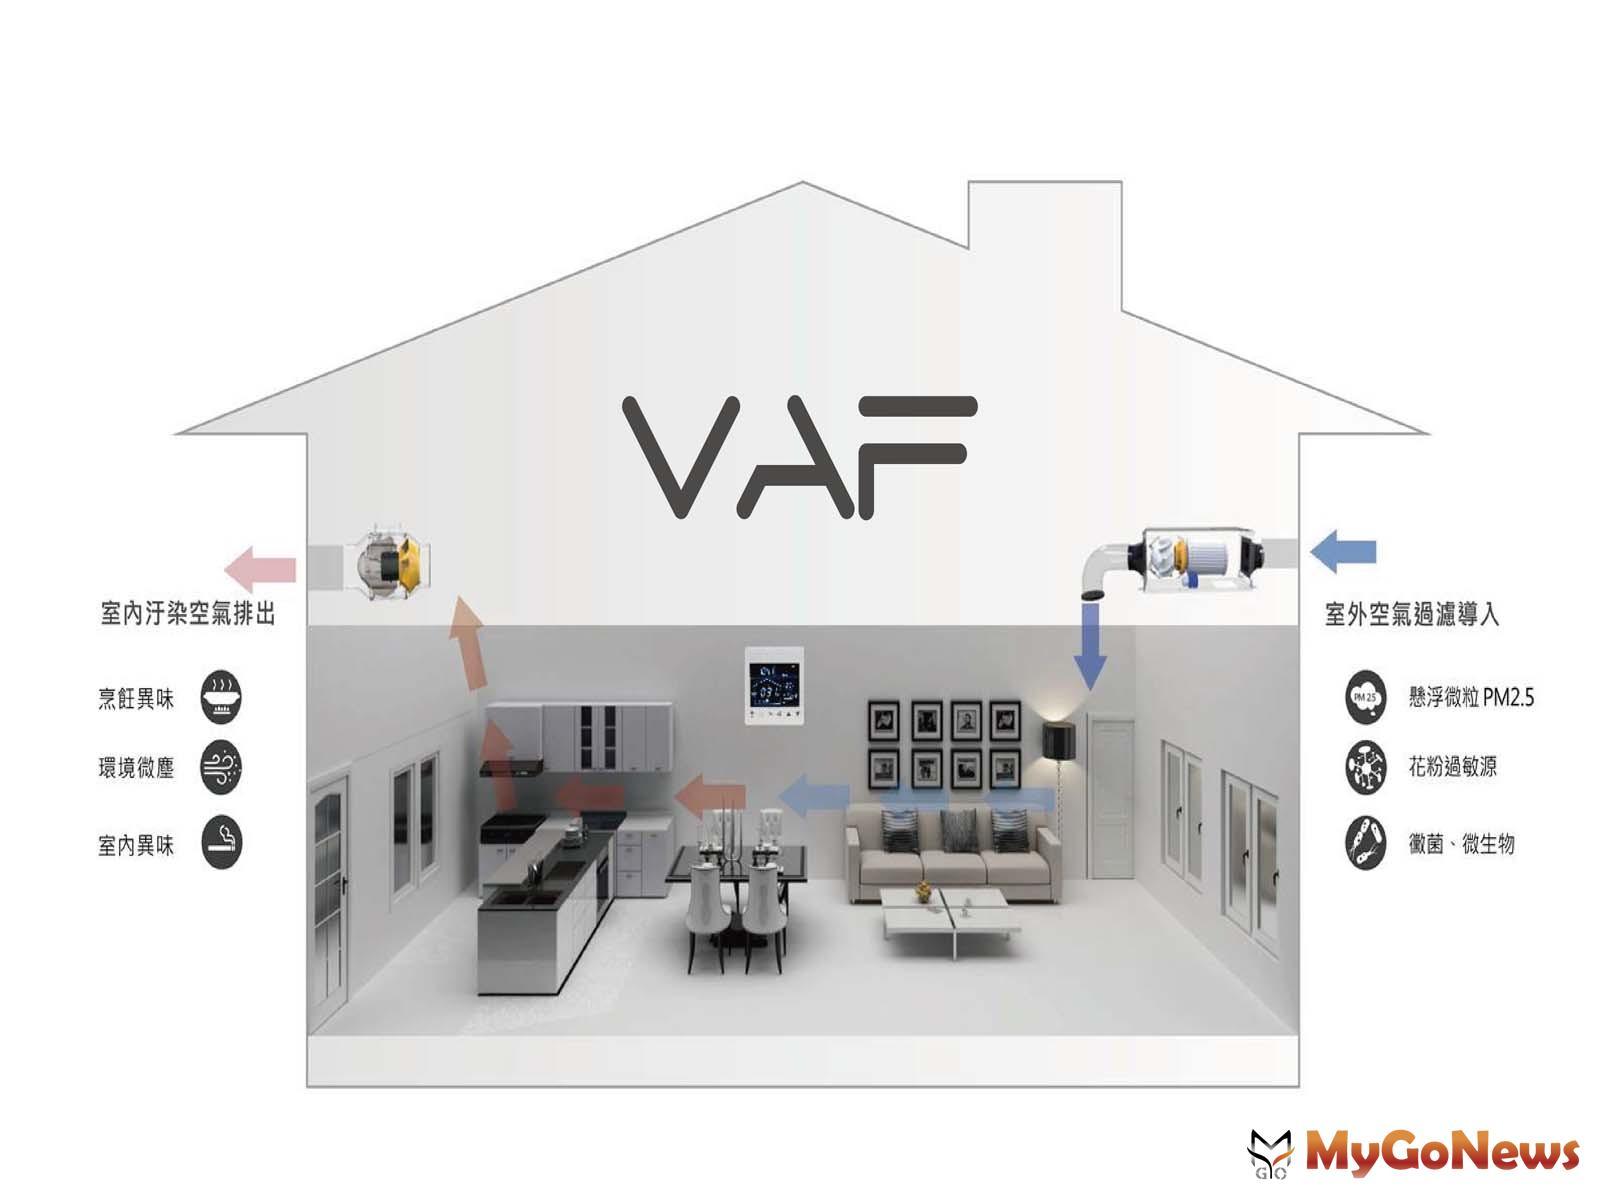 「原禾賦」戶戶標配「VAF專利正負壓淨流系統」(圖/業者提供) MyGoNews房地產新聞 熱銷推案